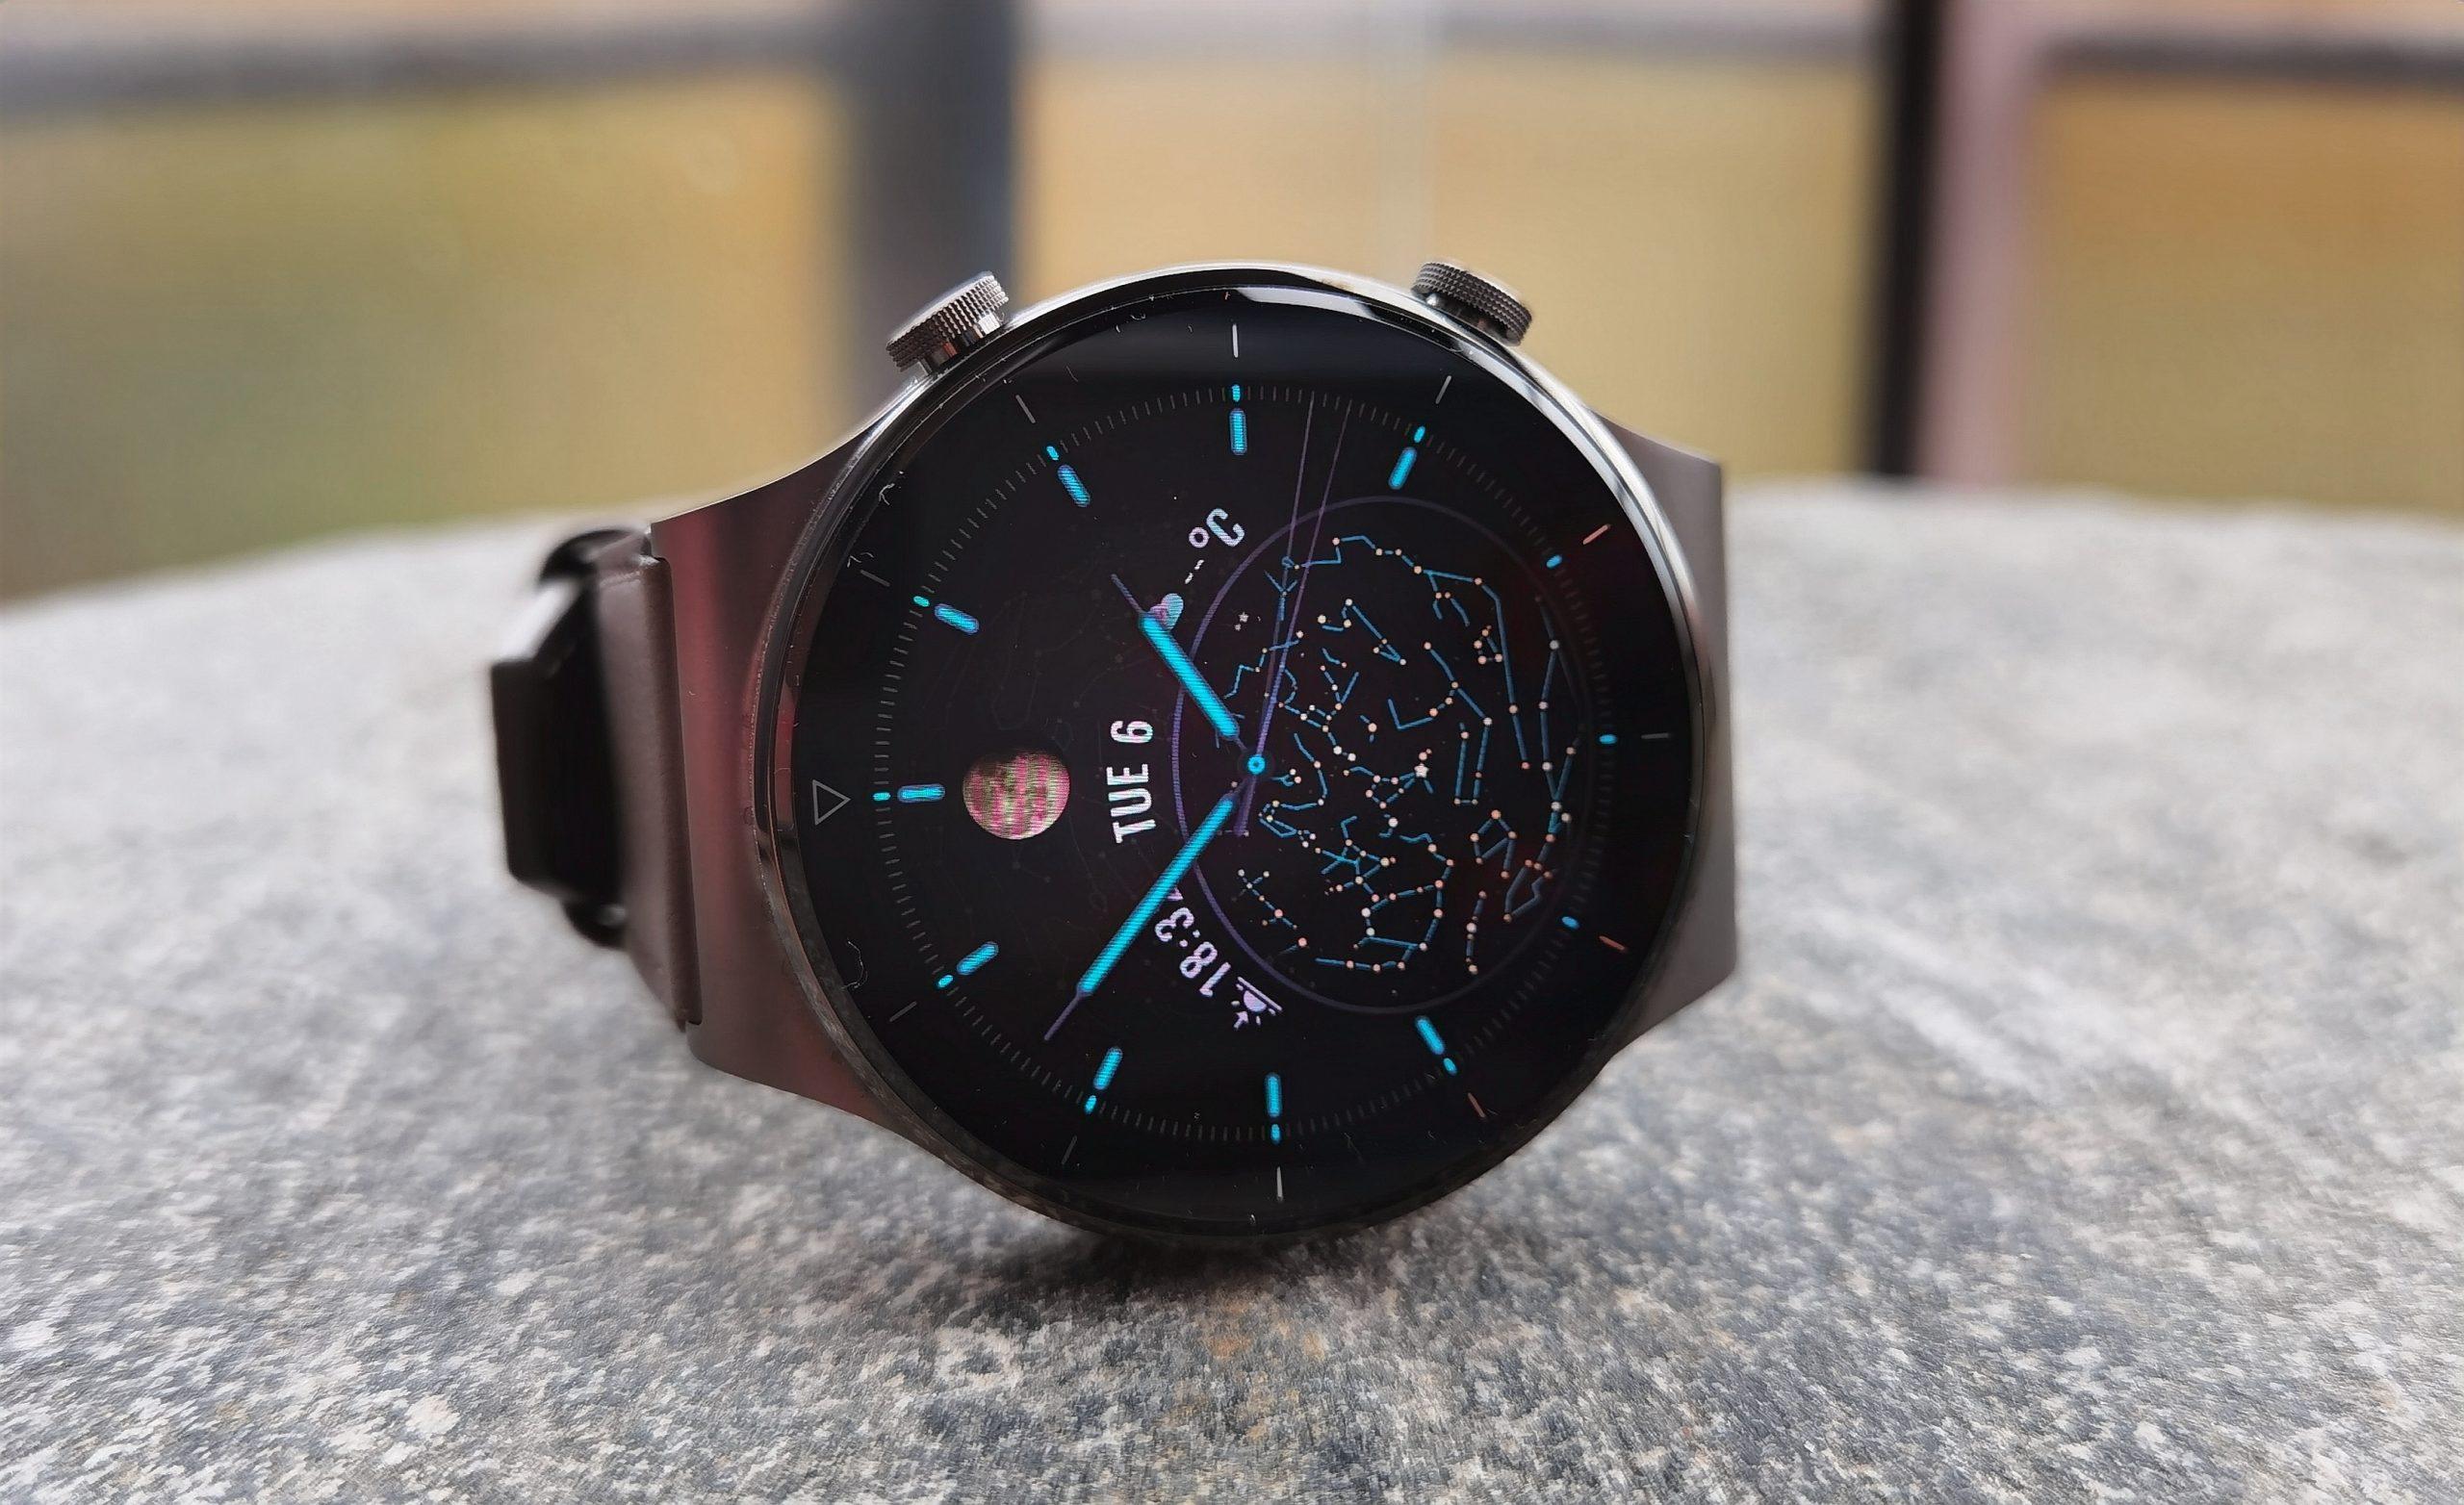 Kellotauluja Watch GT 2 Prossa on valittavissa satoja. Kuvassa Yöaika-taulu.